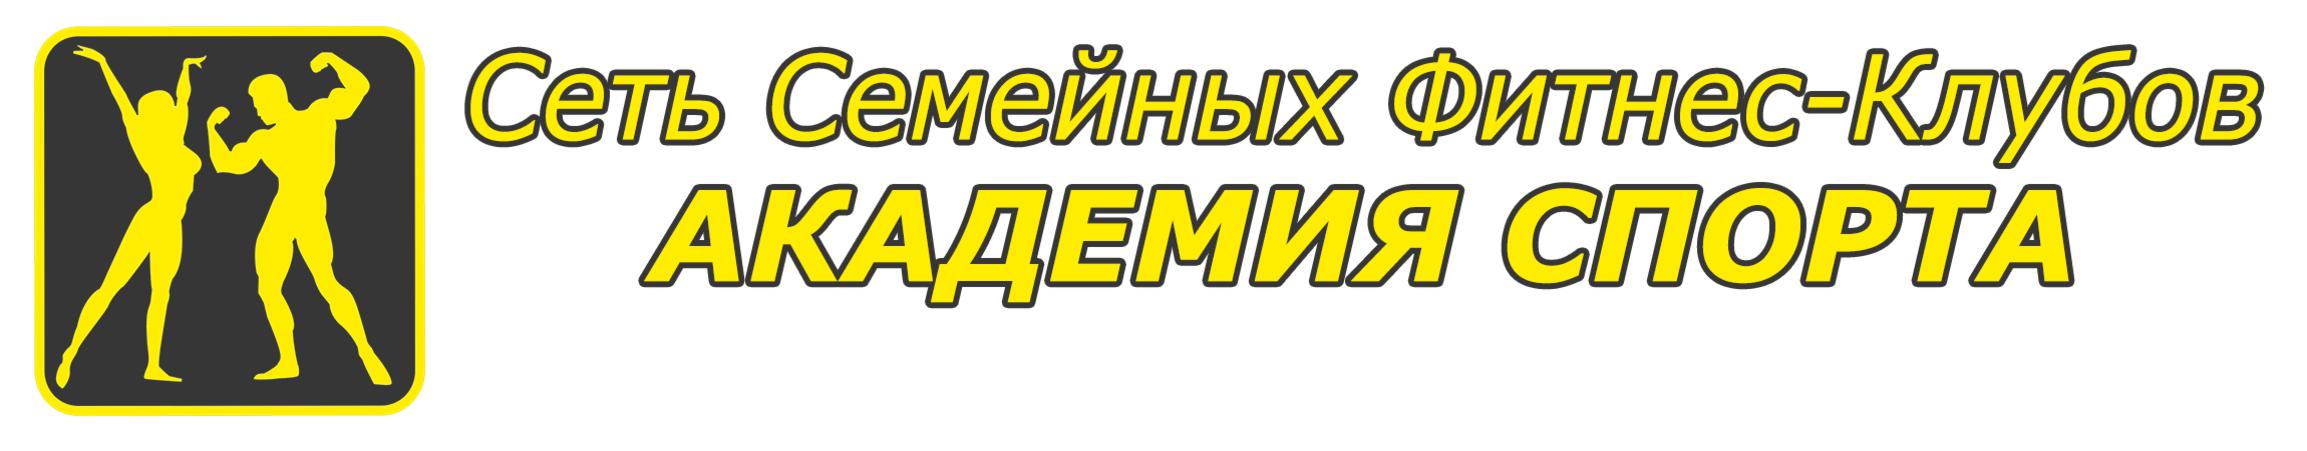 Академия Спорта Марьино